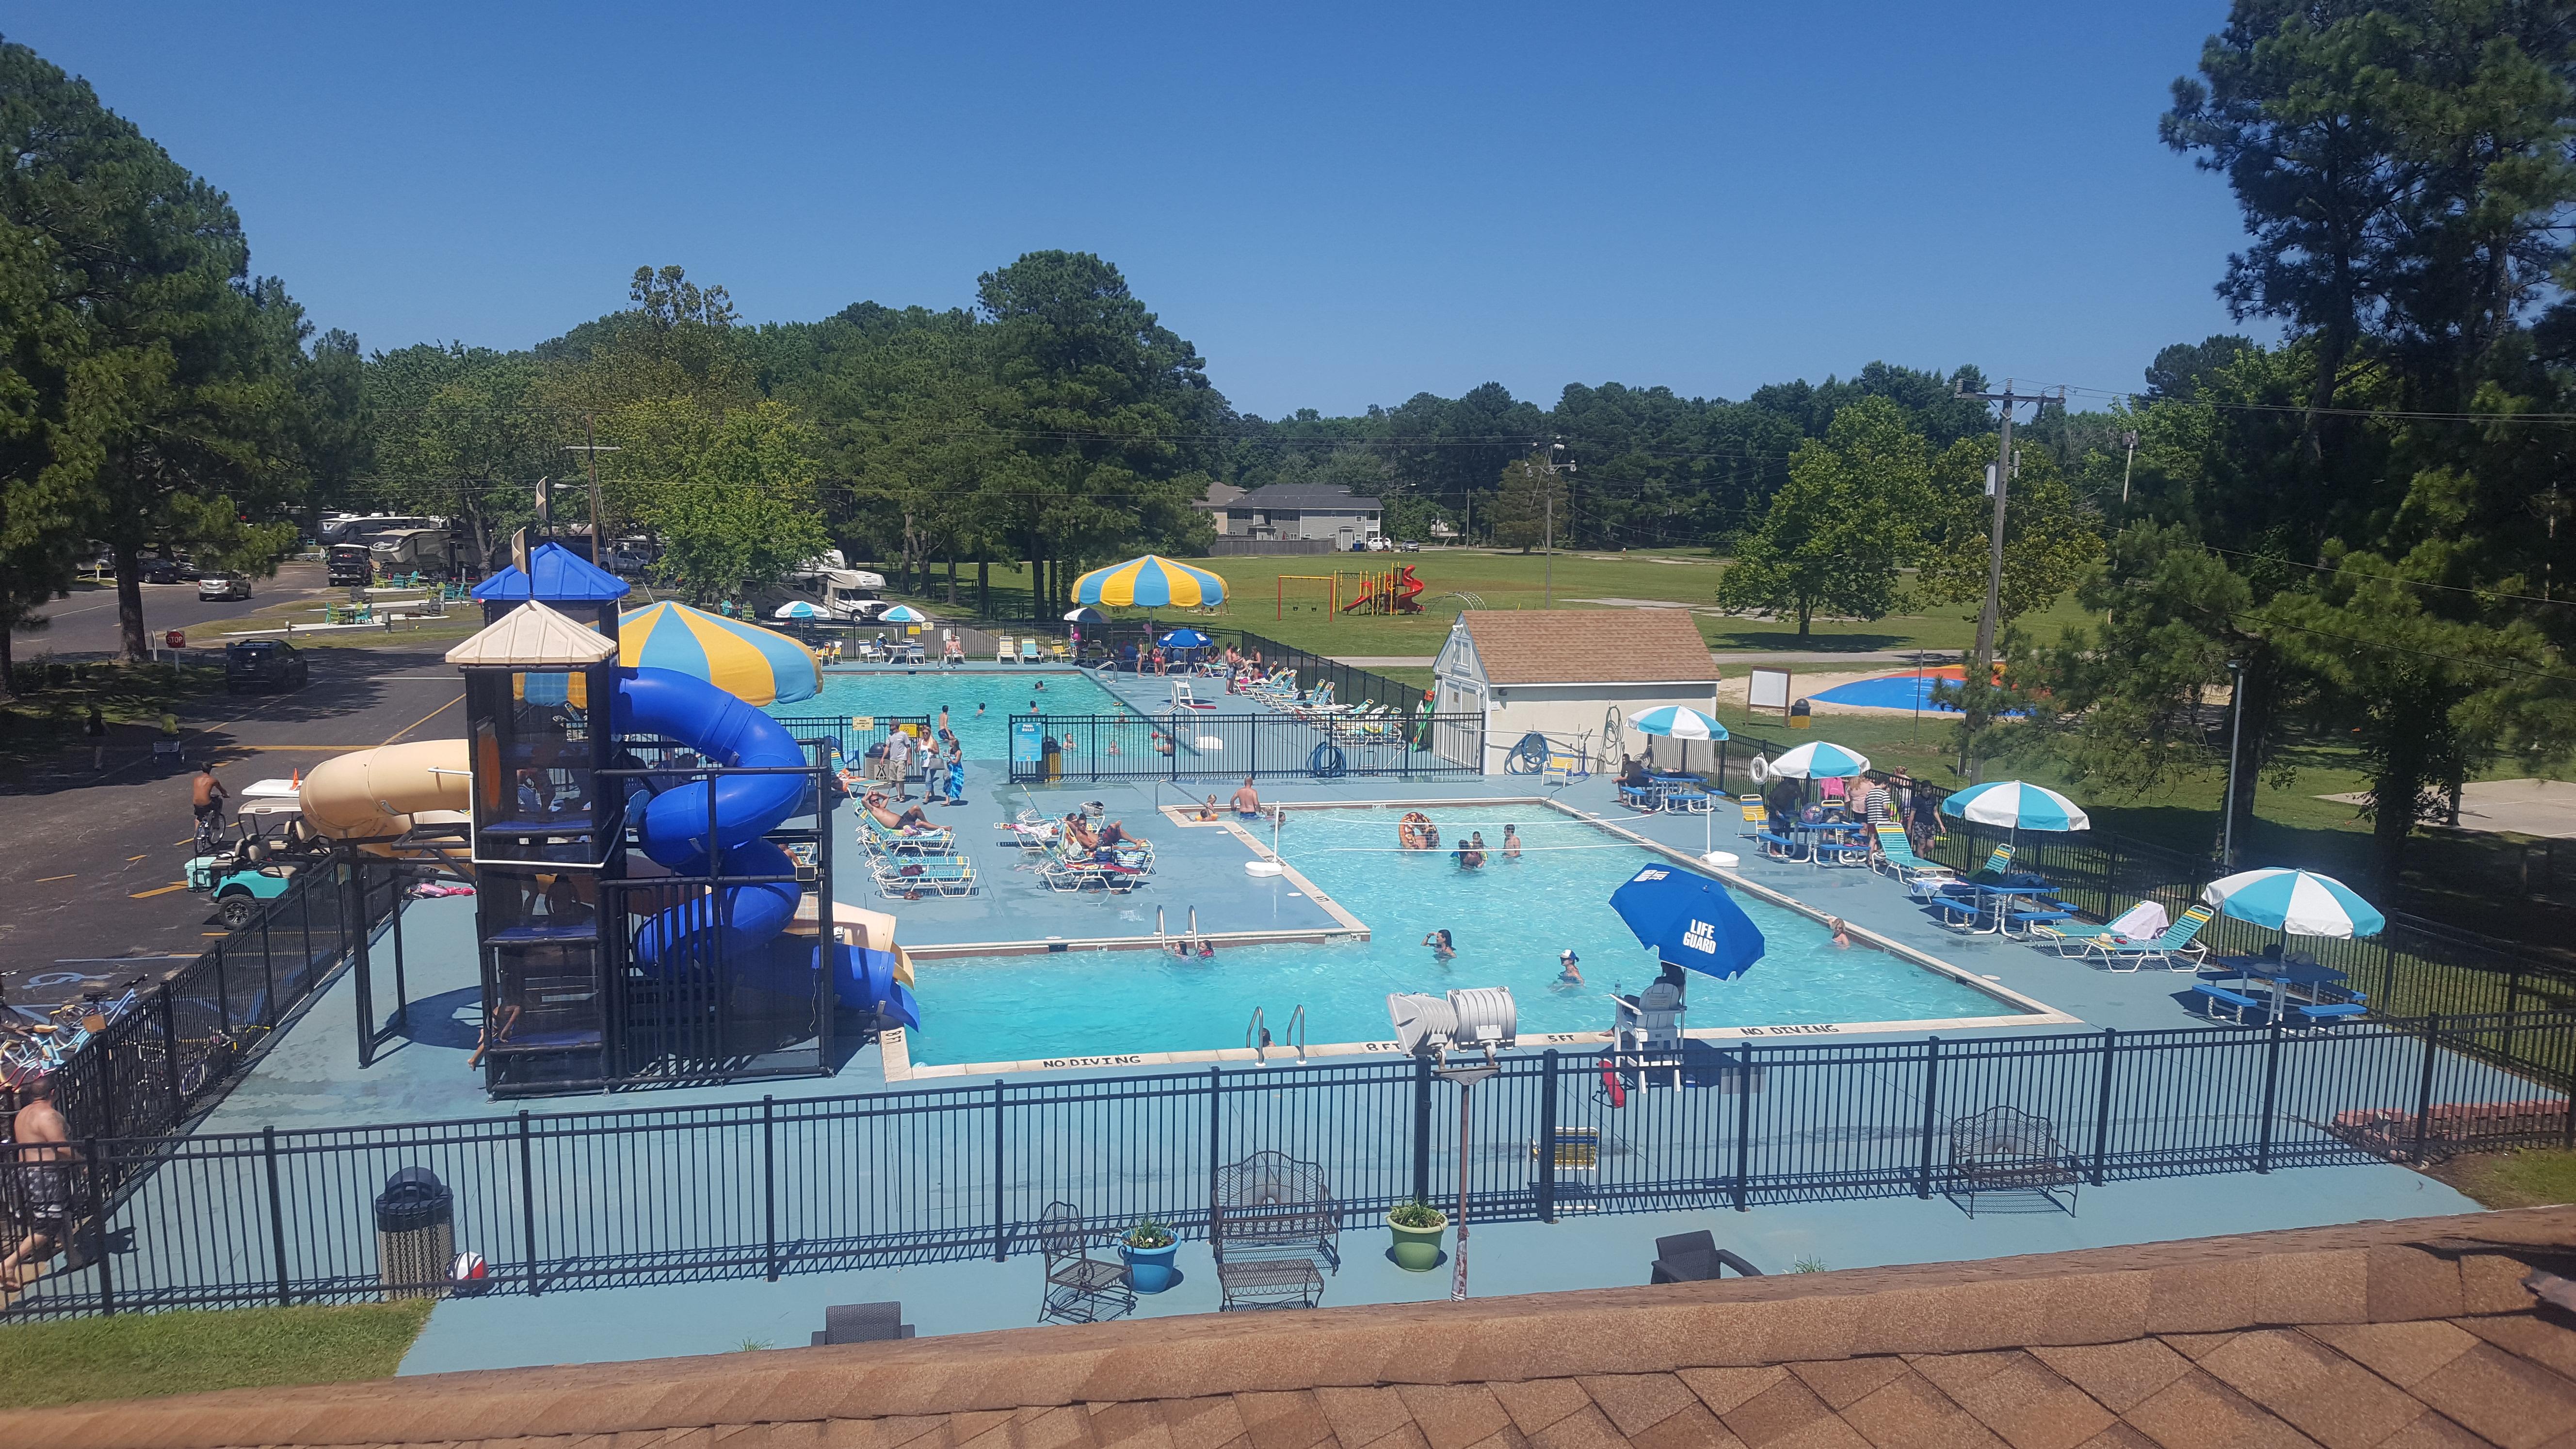 2 pools plus a water slide